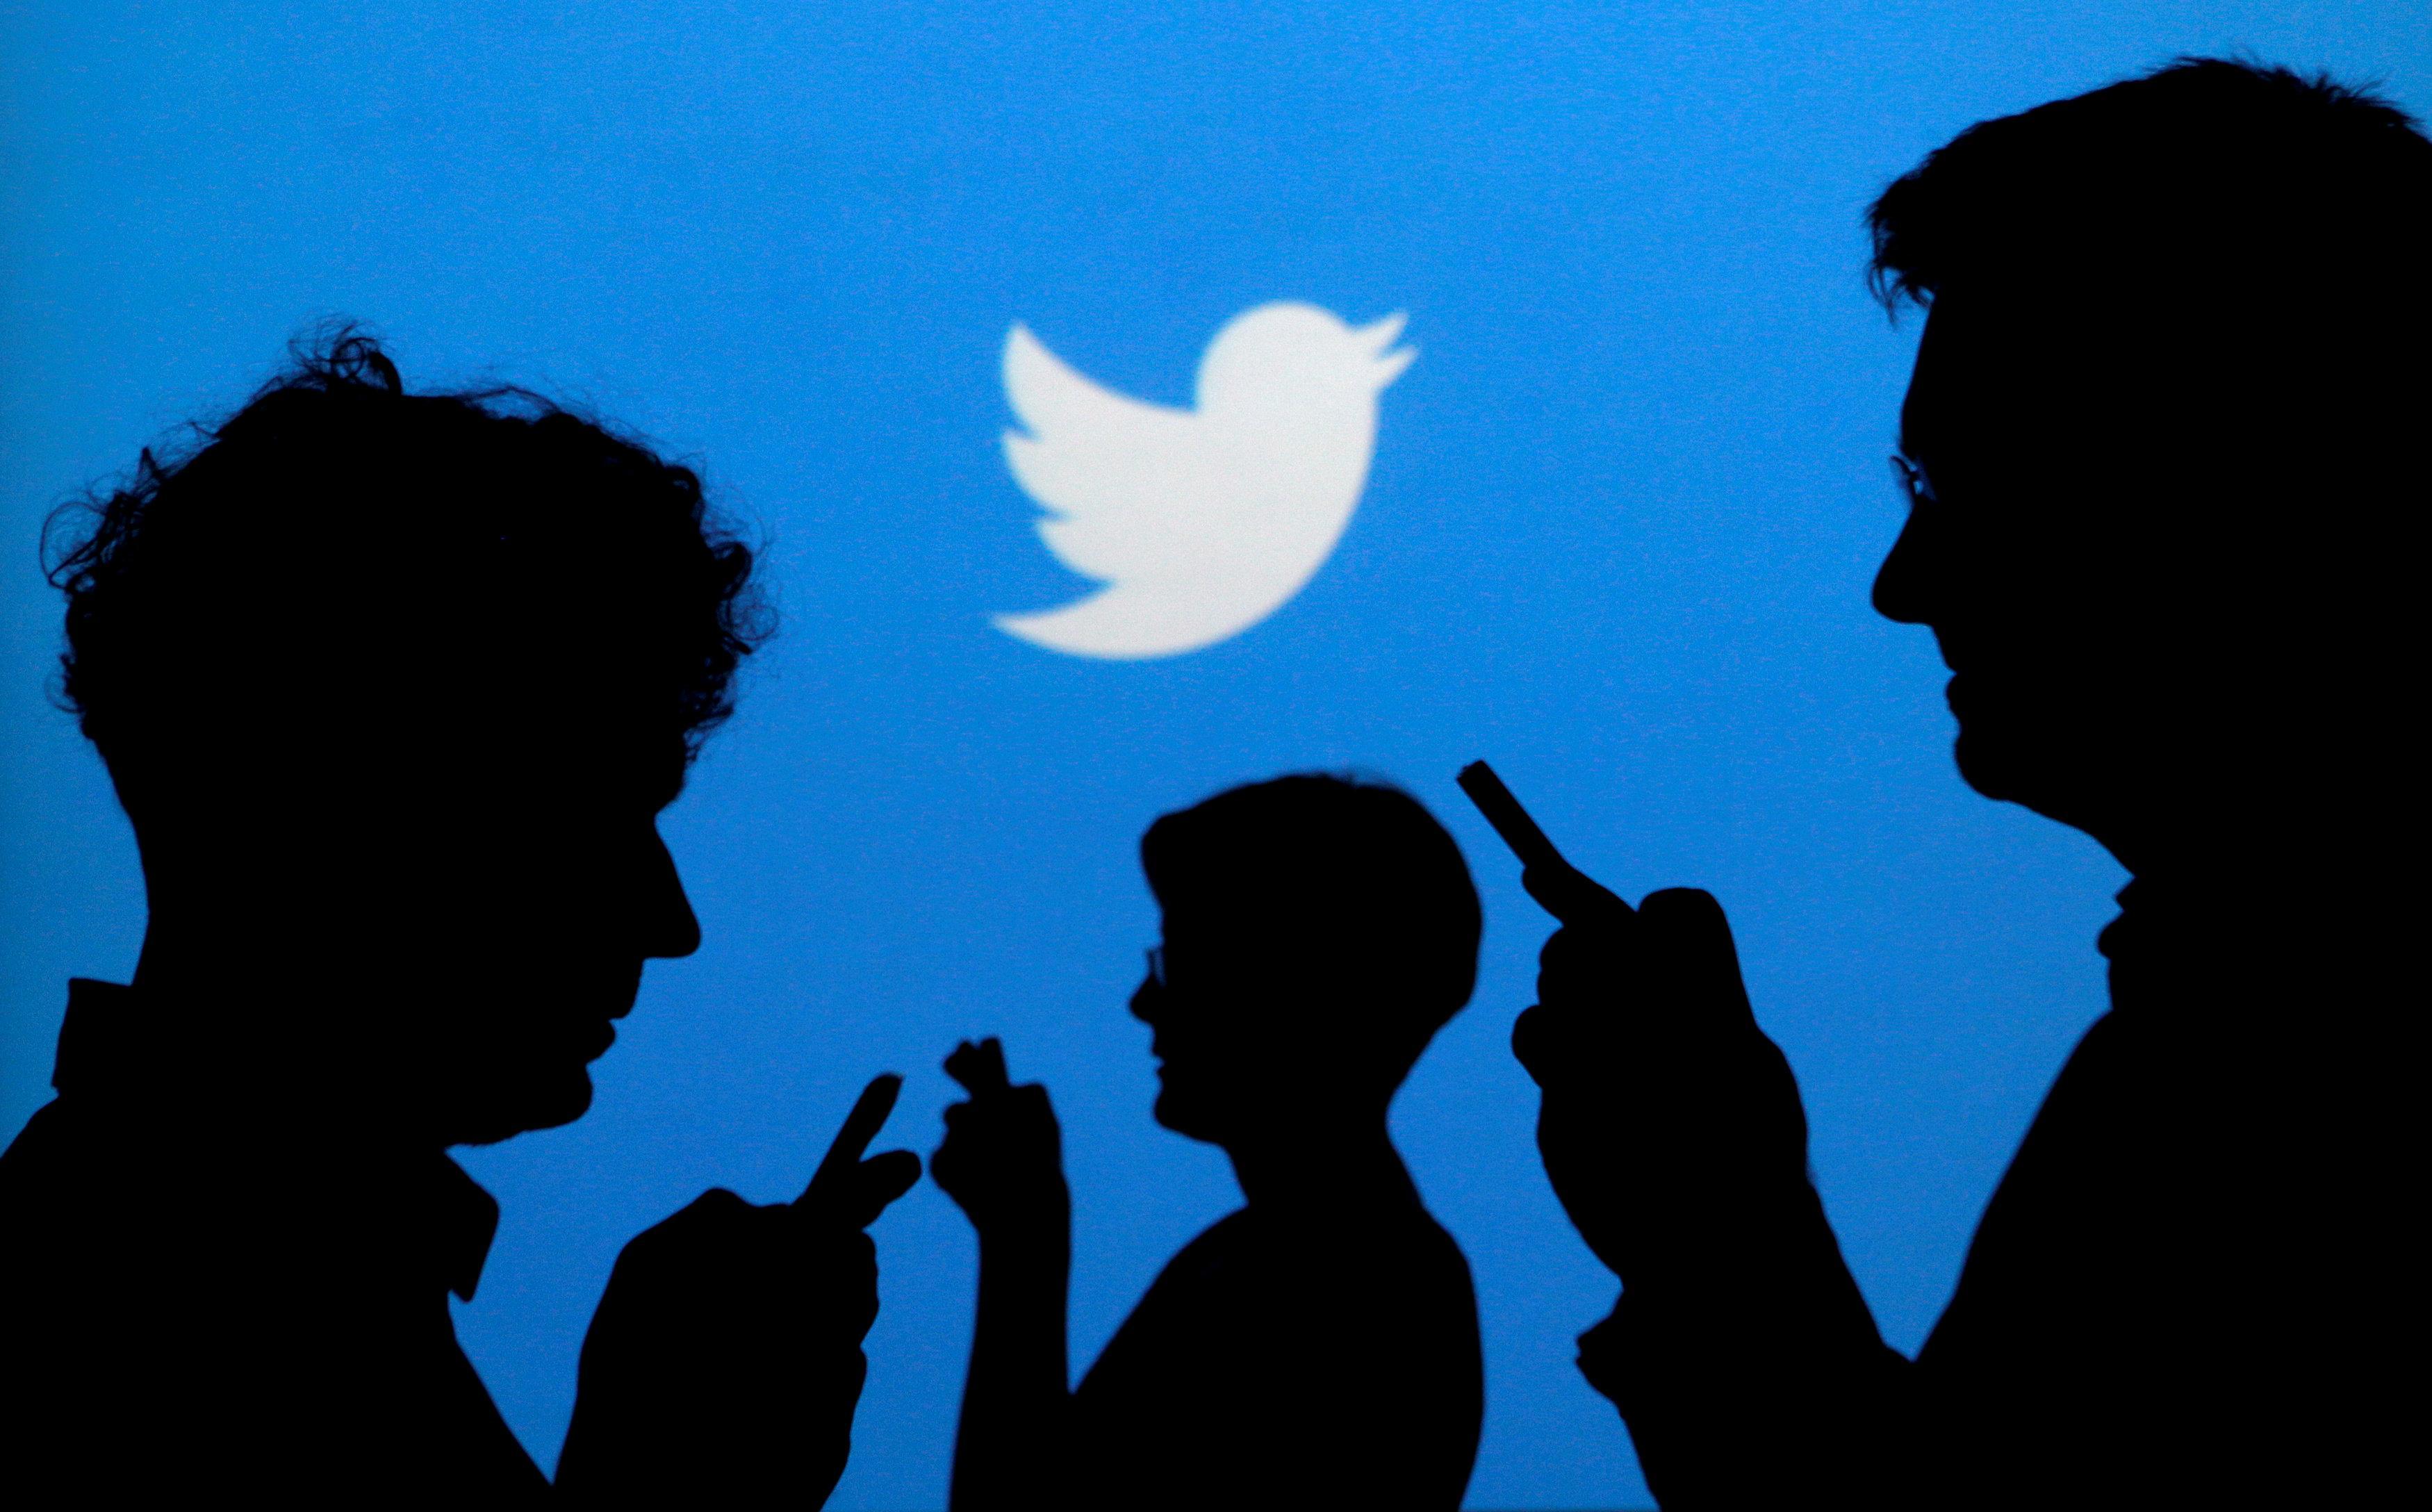 Платная подписка Twitter будет стоить почти $3 вмесяц